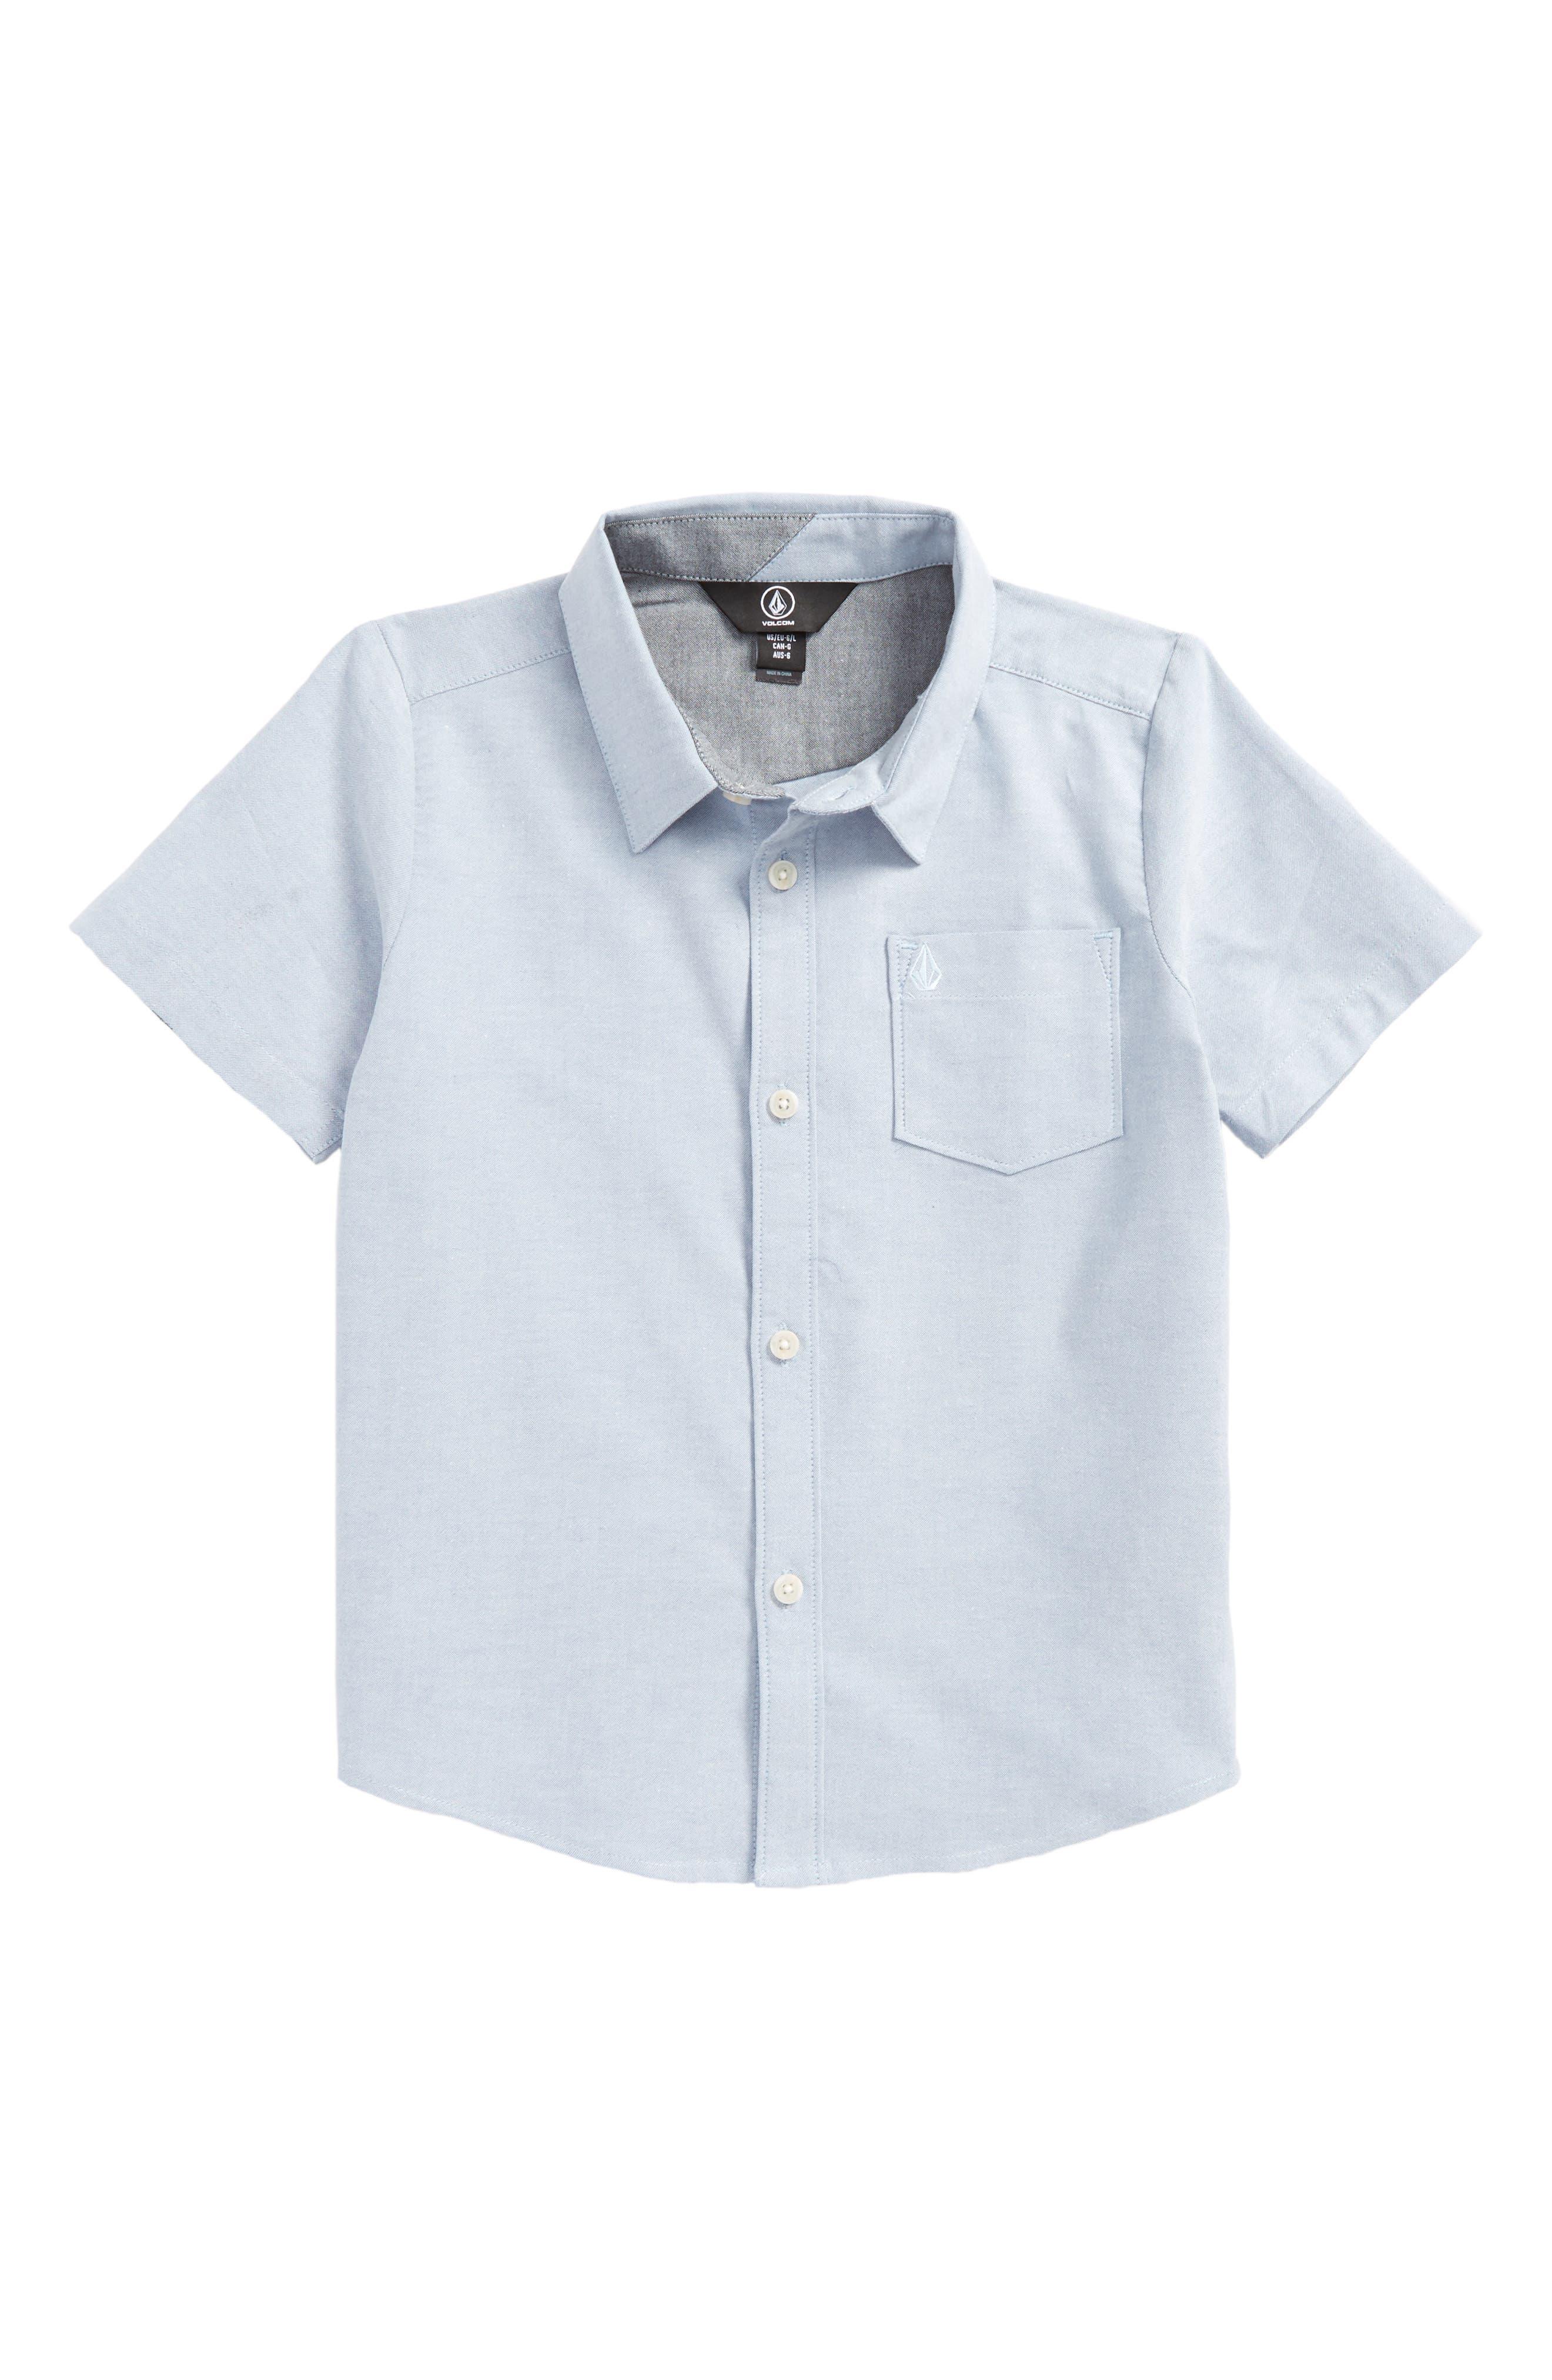 Everett Oxford Woven Shirt,                         Main,                         color, Wrecked Indigo